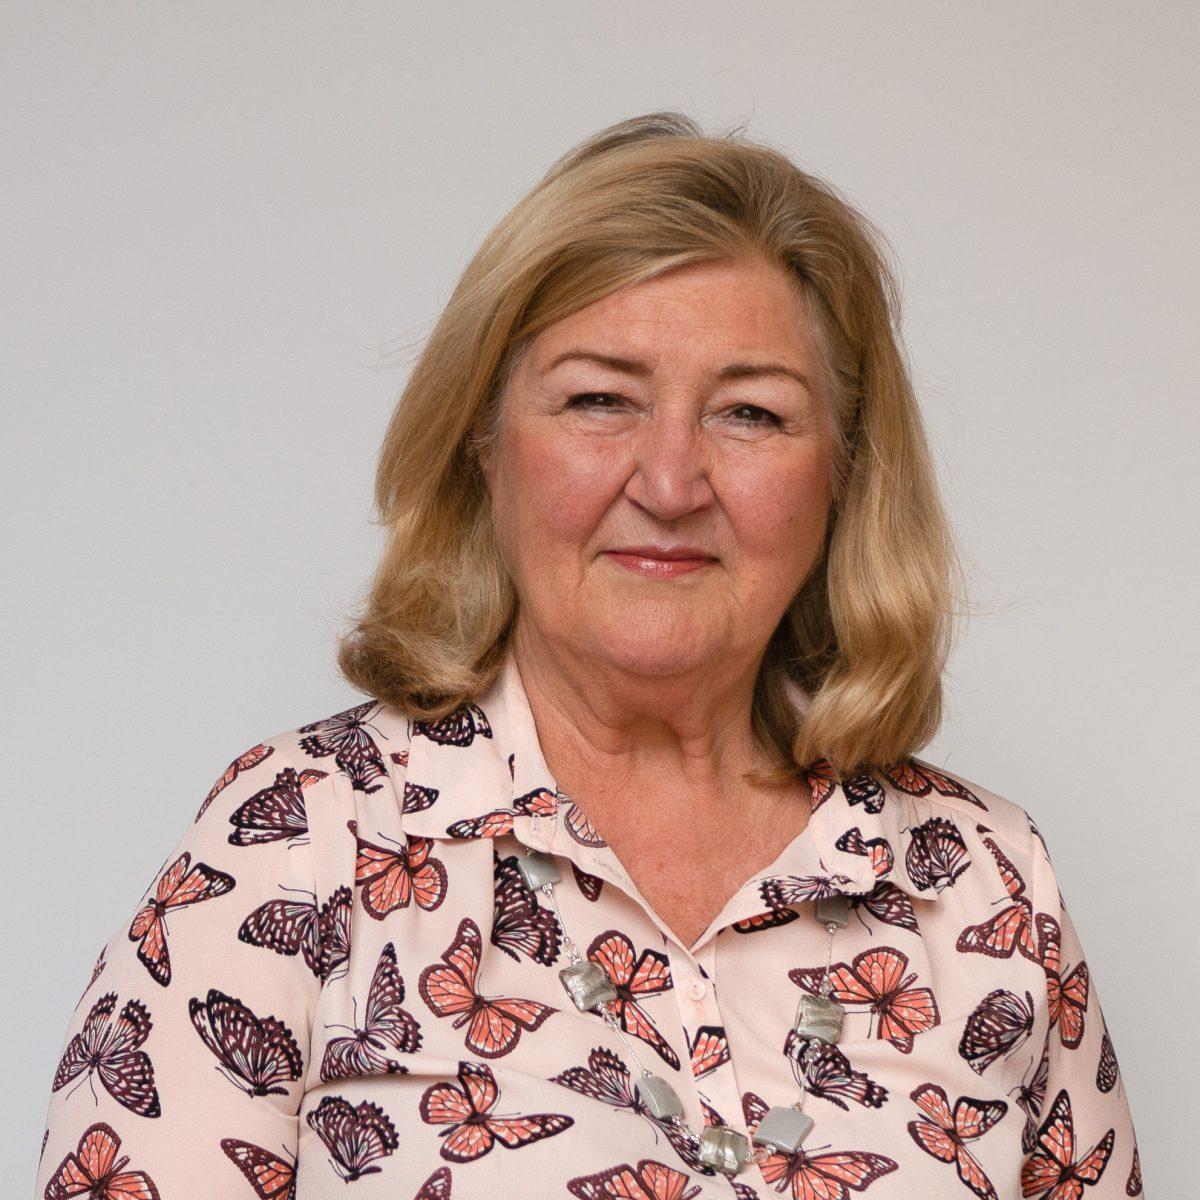 Elizabeth Cullis